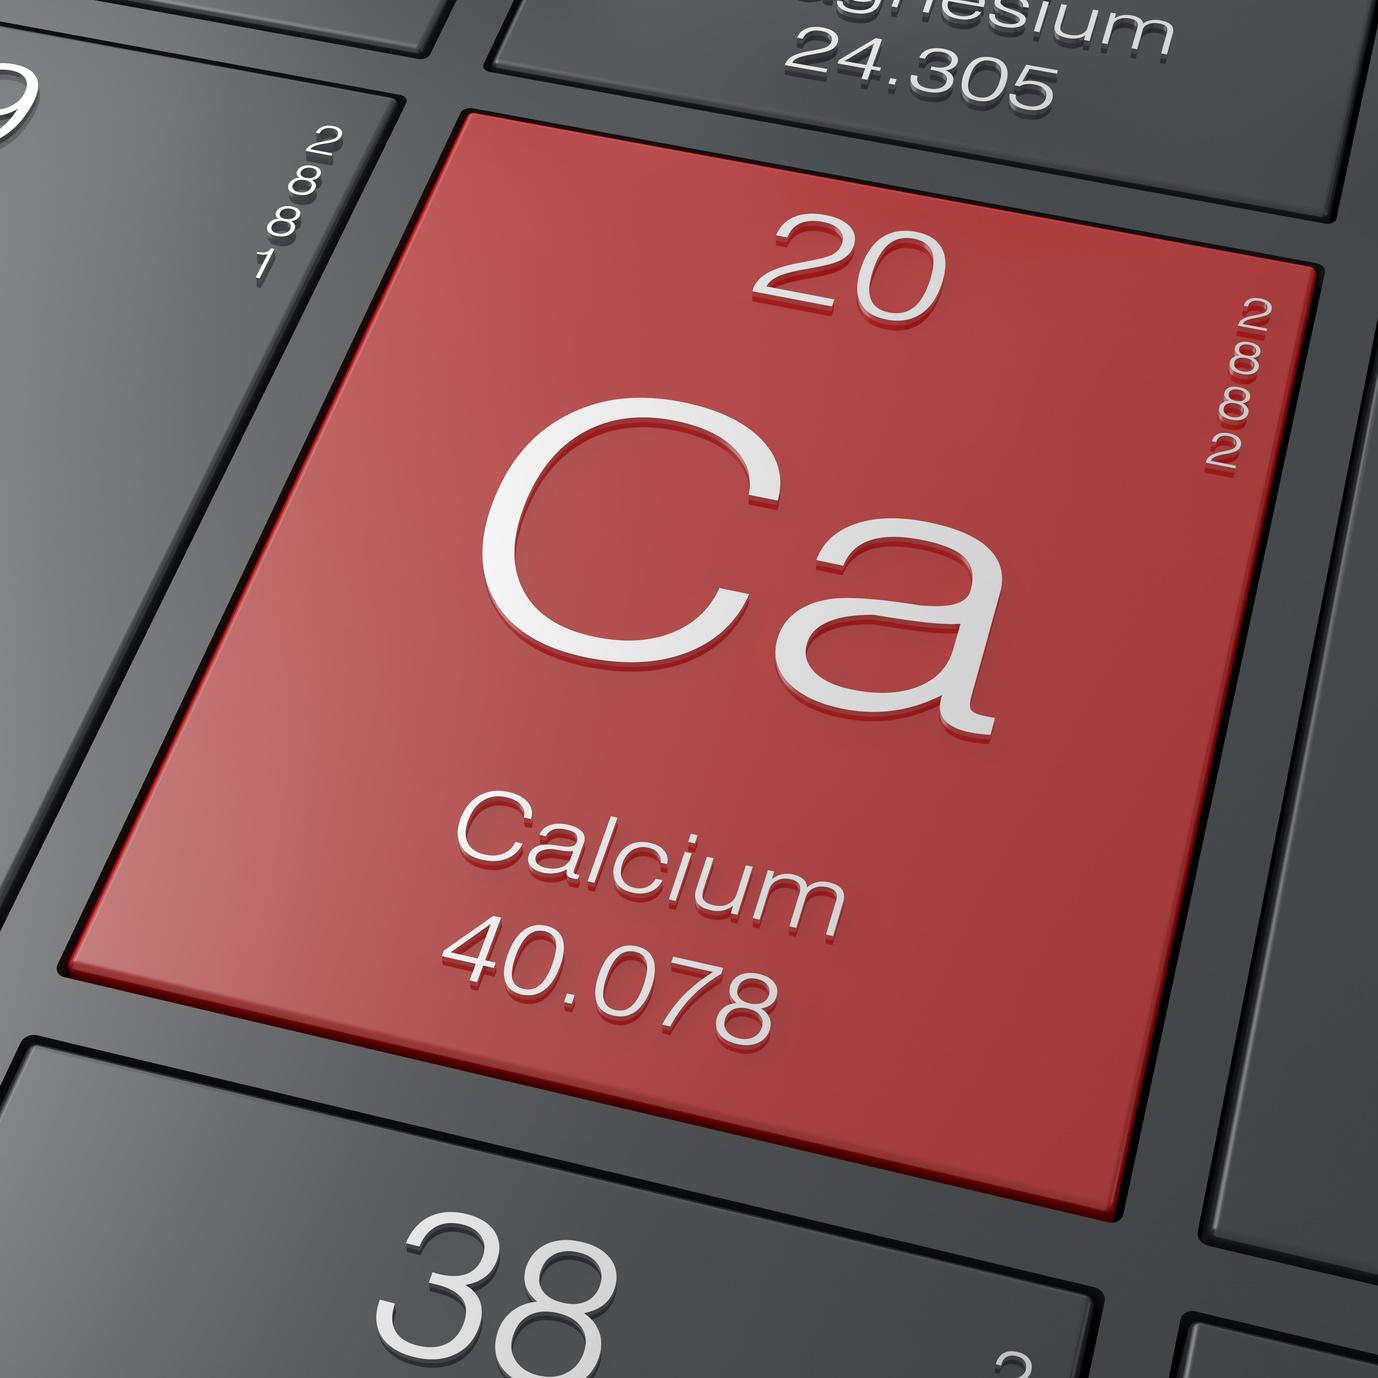 血清カルシウムの値が低い、というのはどんな状態?